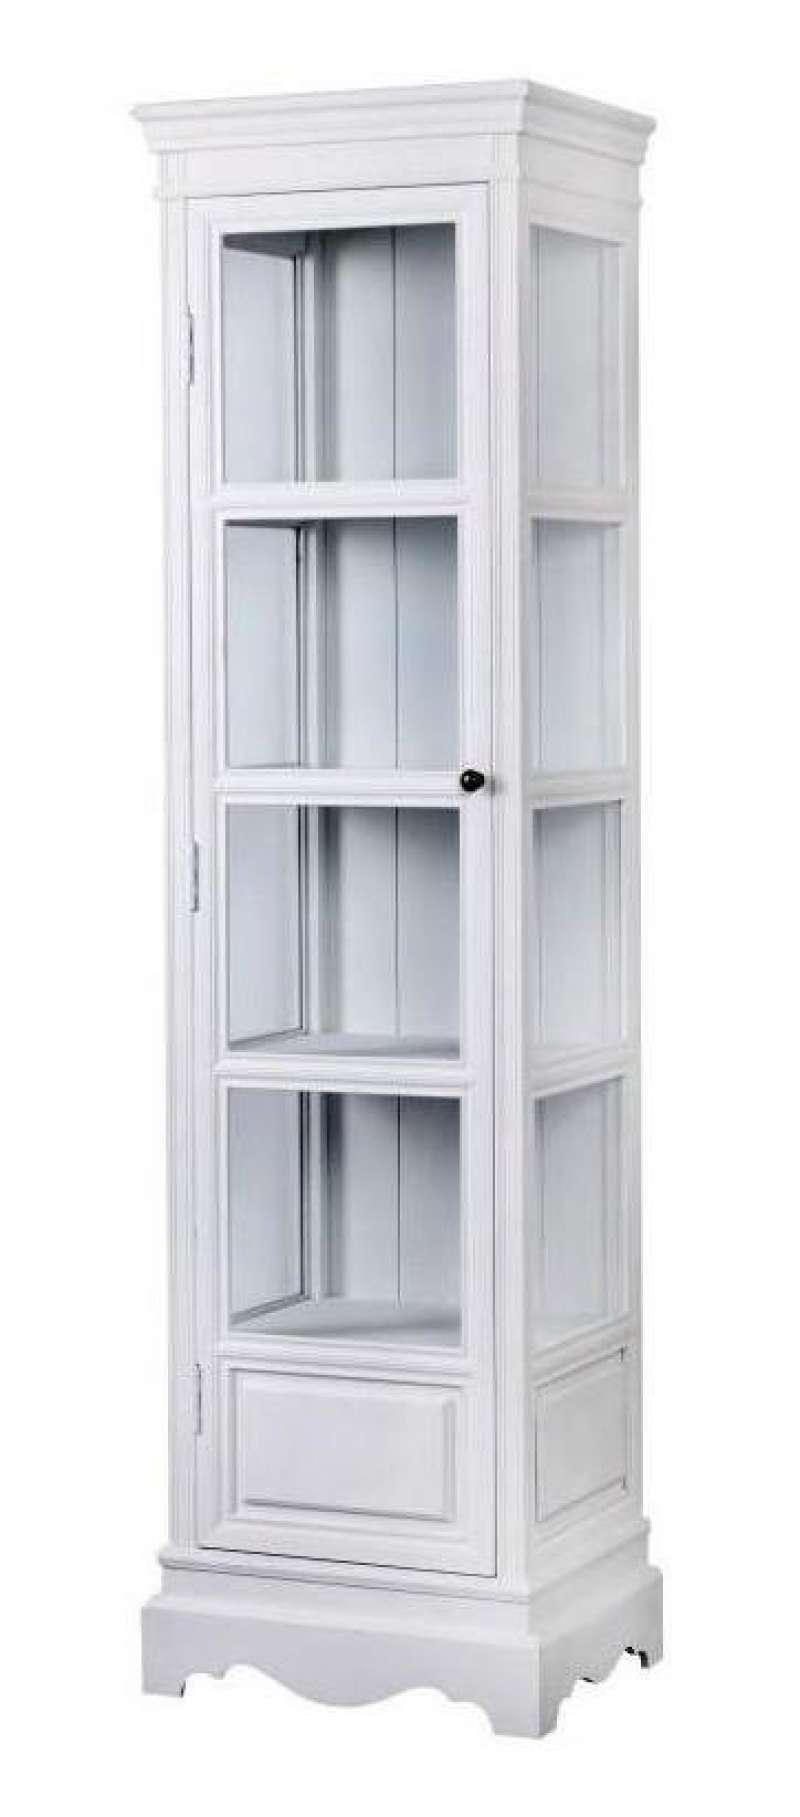 Vitrină cu ușă Alexander , 180x49x39 cm, lemn de plop/ mdf/ metal, alb poza